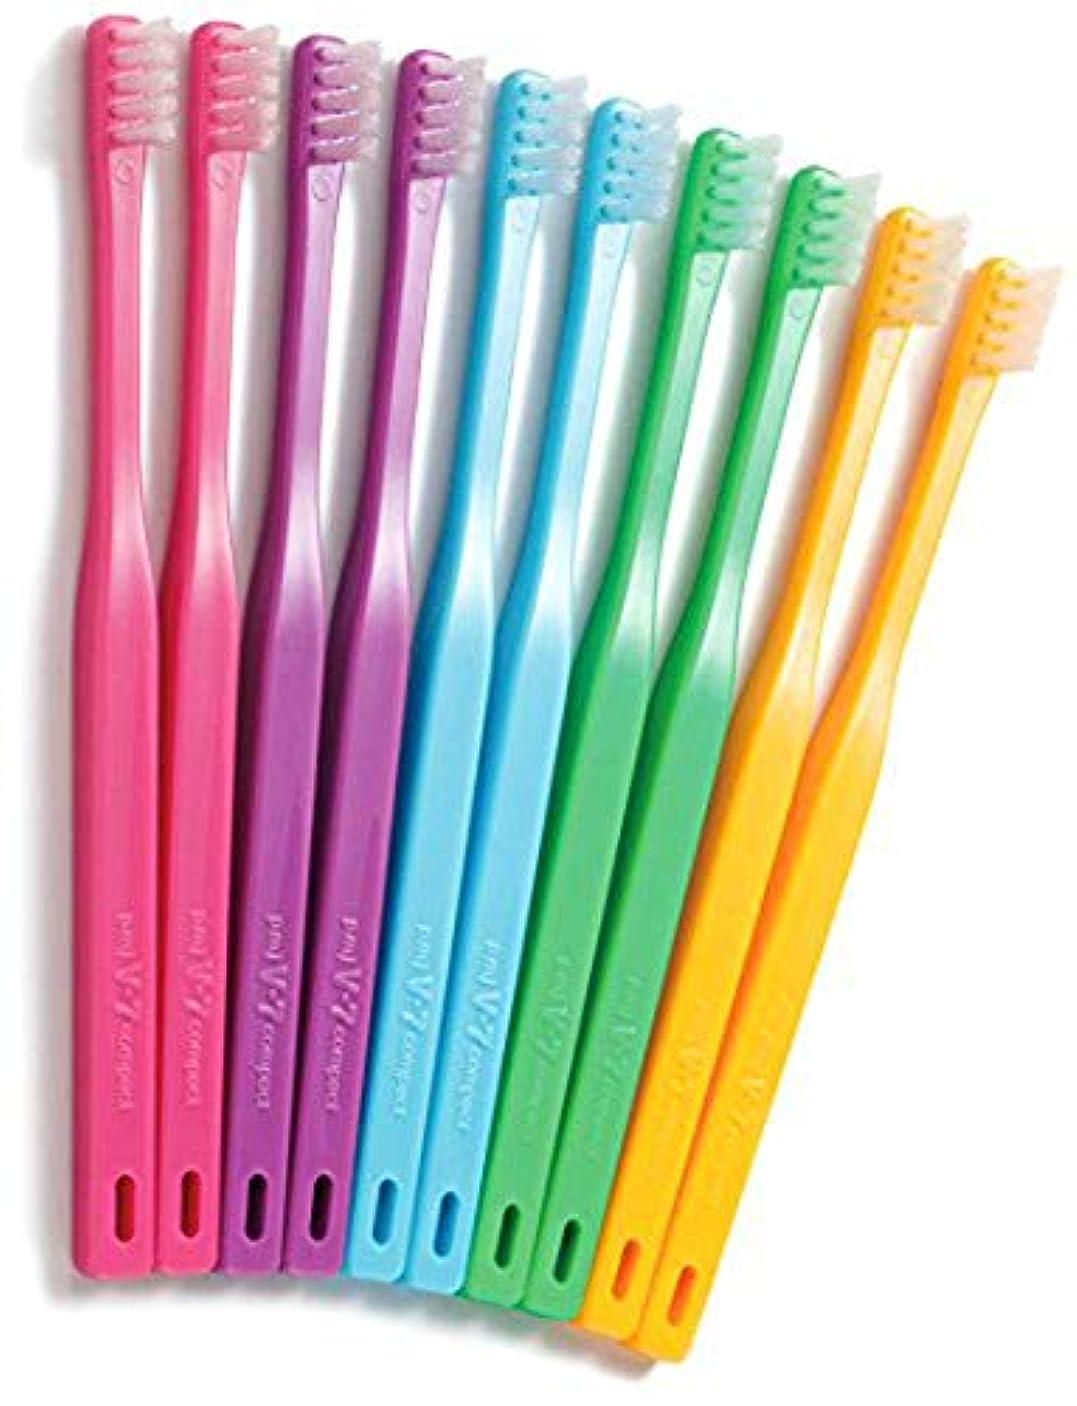 フィットネス性別ジャンピングジャックつまようじ法歯ブラシ V-7 コンパクトヘッド ビビッドカラー 5本